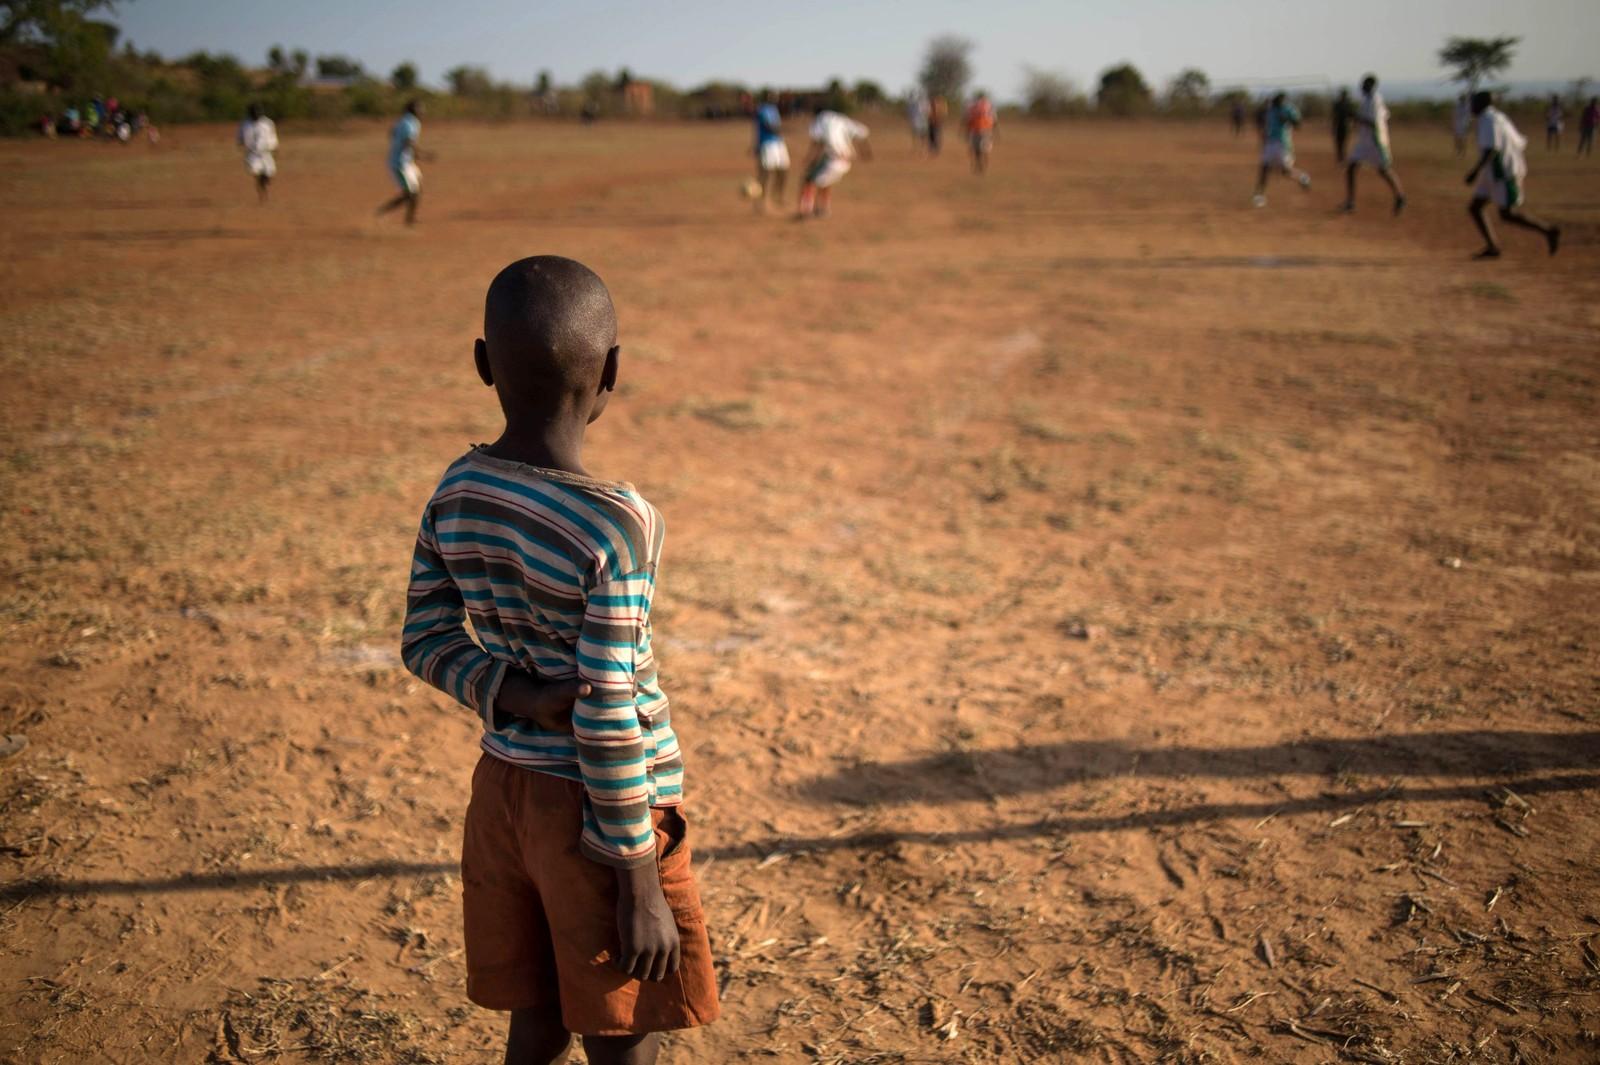 En gutt ser på en fotballturnering i Vuwani i Sør-Afrika. Det var lokalvalg i landet, men Innbyggerne i byen bestemte seg for å boikotte lokalvalget og heller spille fotball for å vise sin manglende interesse. Årsaken til boikotten skal være at myndighetene vil at en del av kommunen skal slås sammen med en del av en annen kommune, Malamulele, for å danne en ny kommune. Bildet er tatt 3. august.